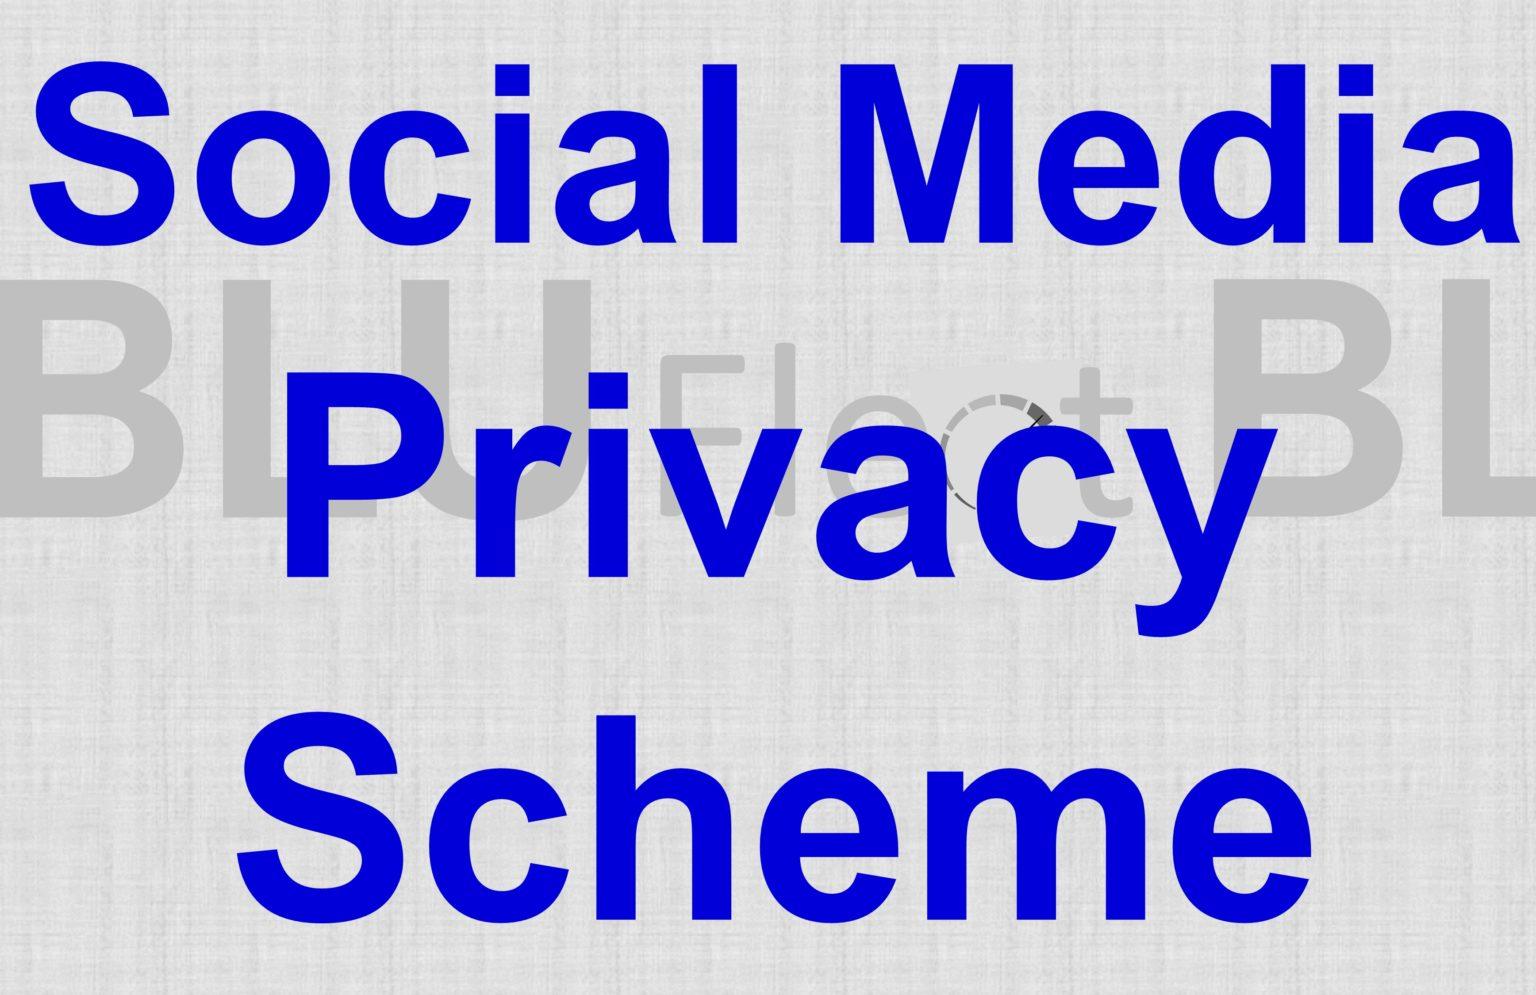 Social Media Privacy Scheme